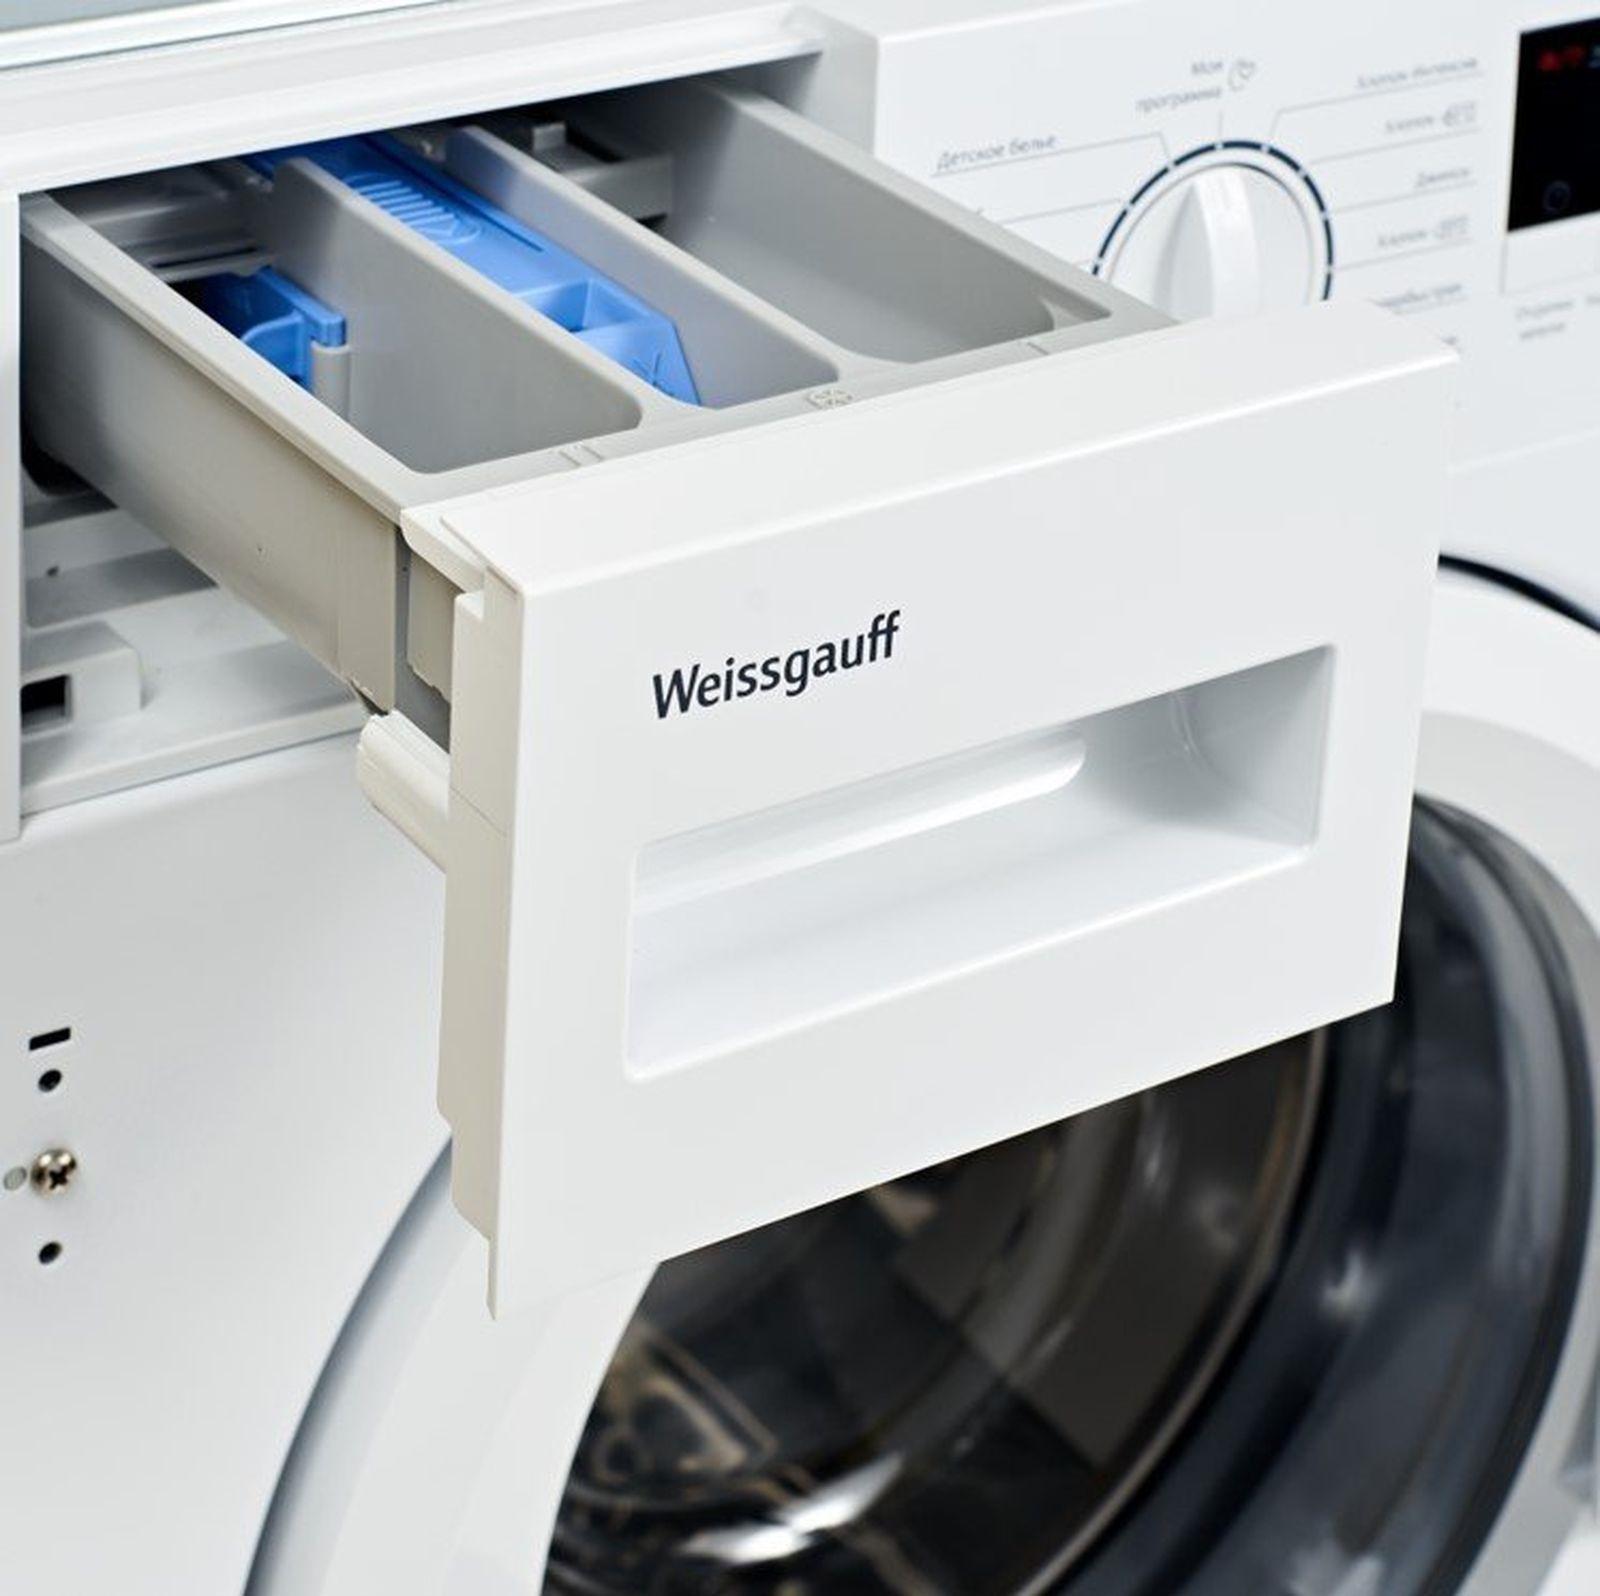 Стиральная машина Weissgauff WMDI 6148 D, 404317, белый Weissgauff